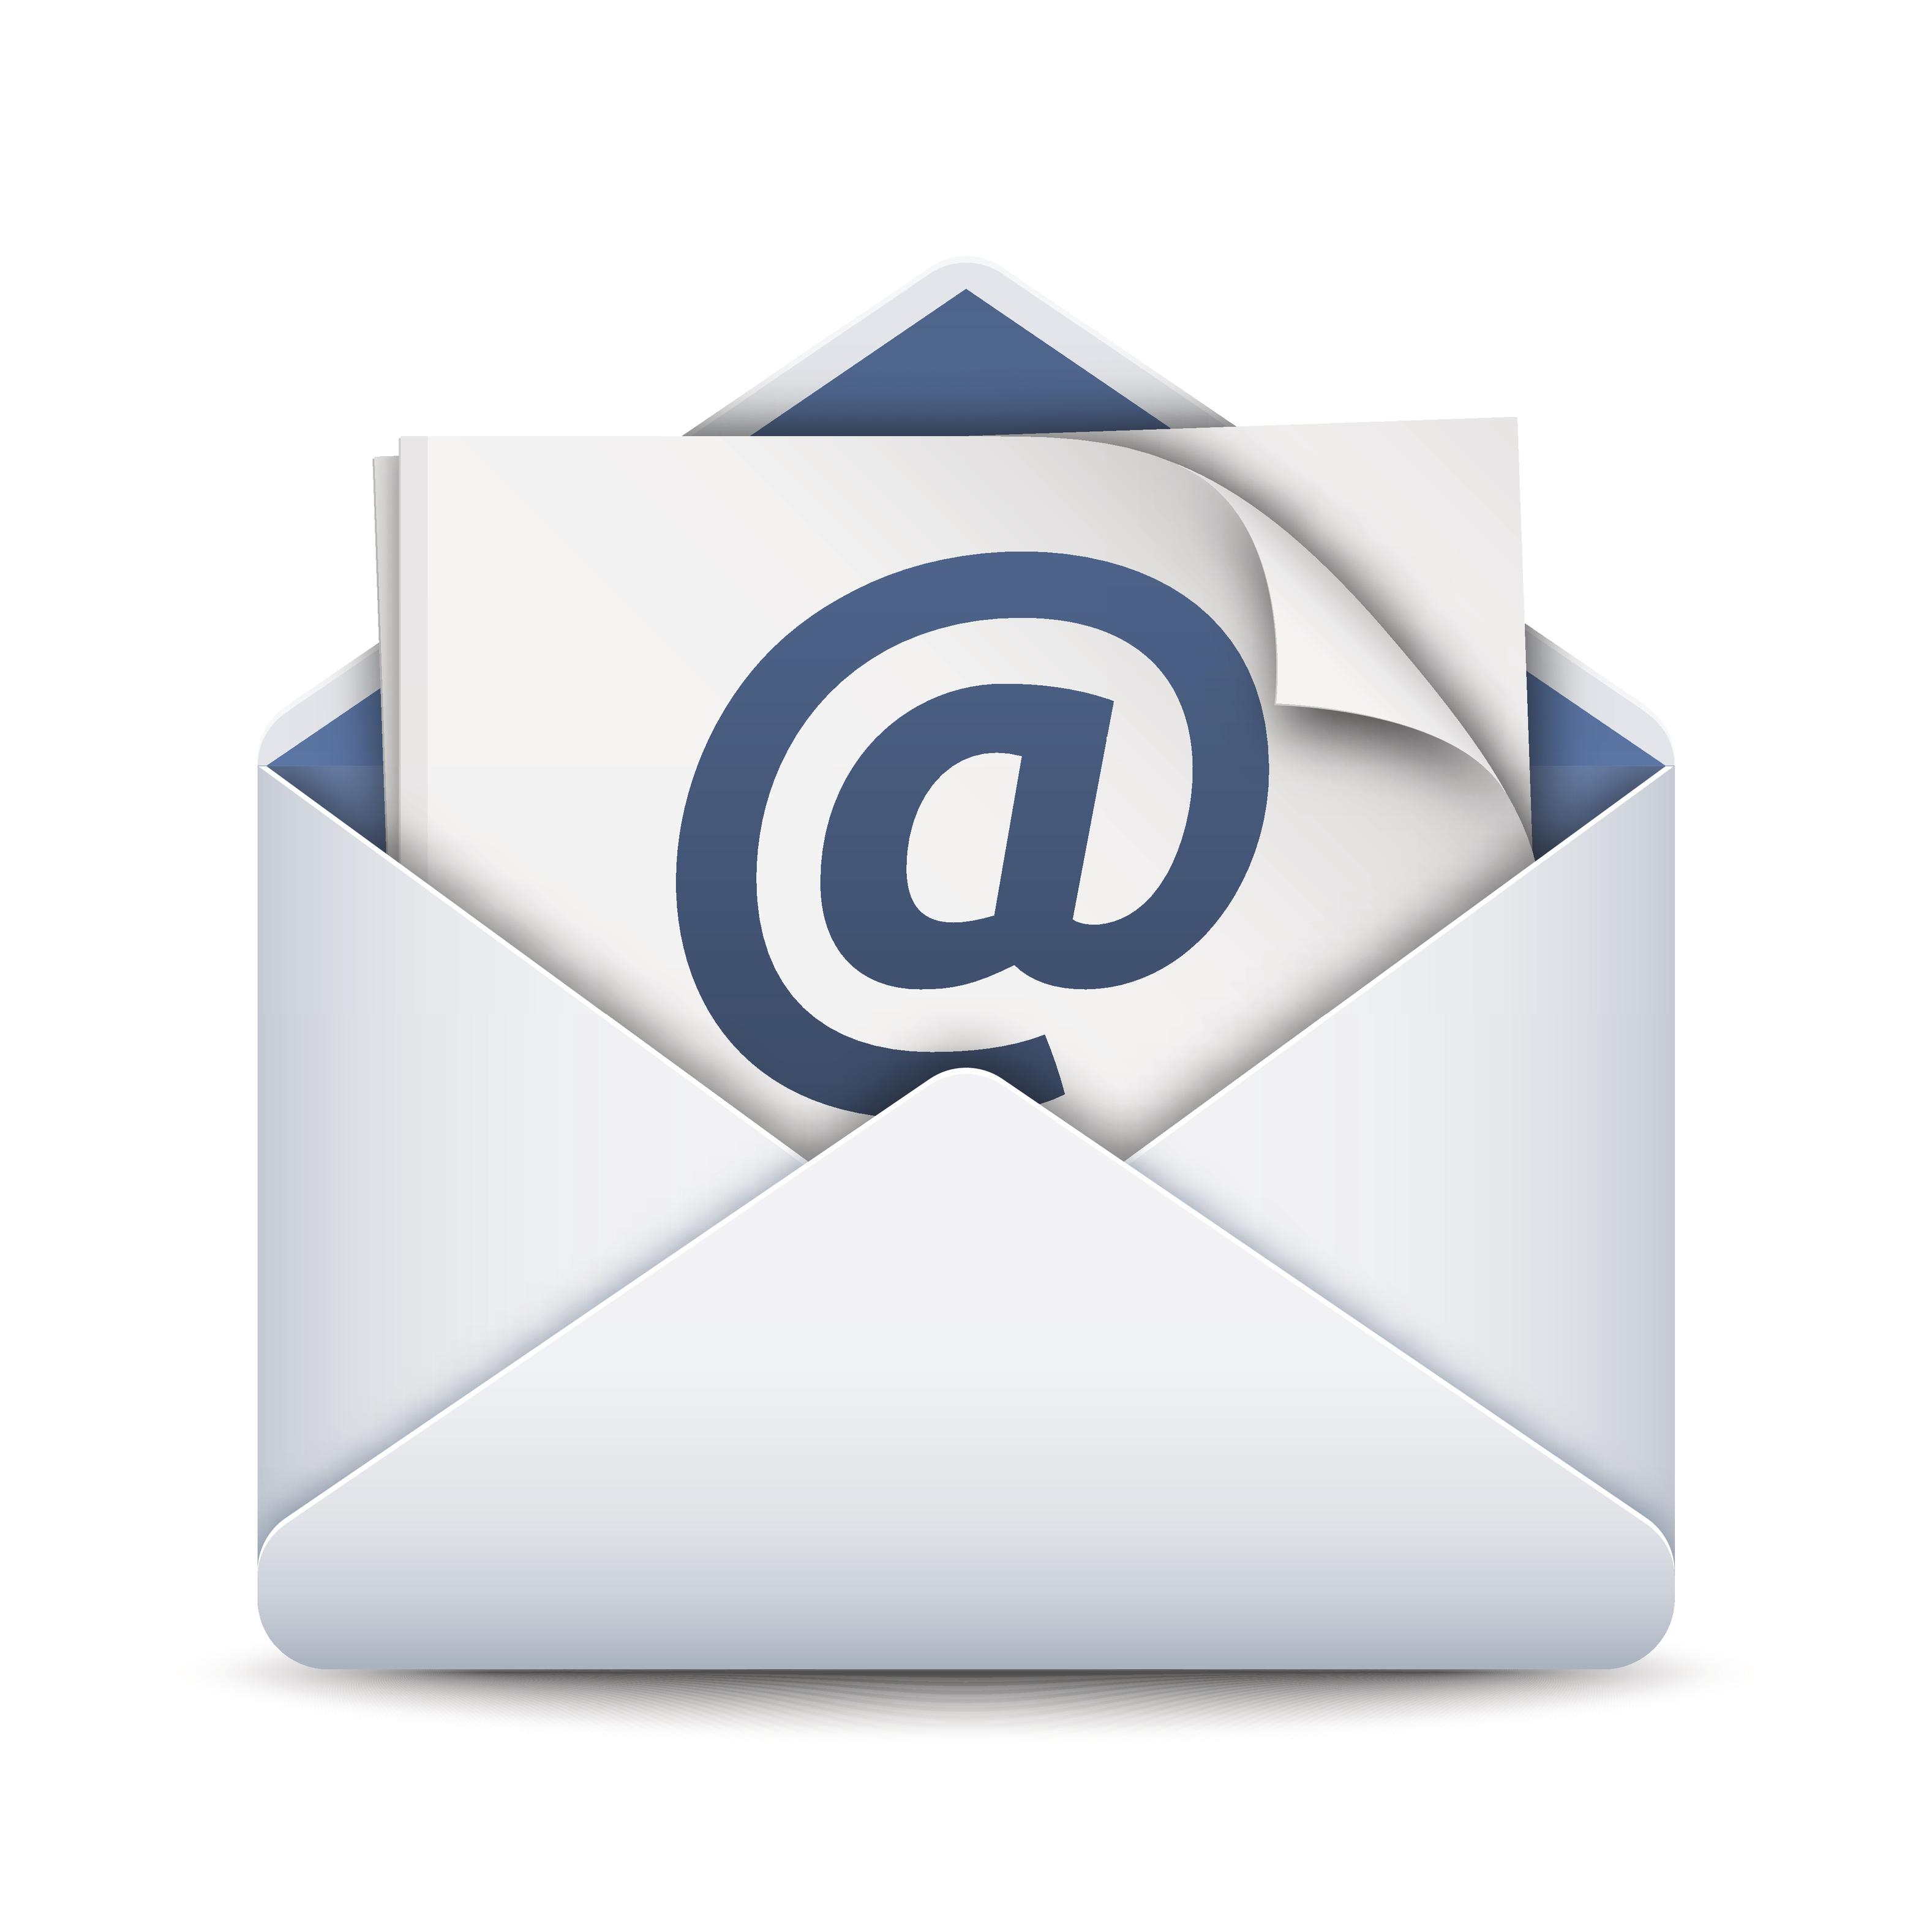 Por que todos os e-mails têm o símbolo de @? | Super